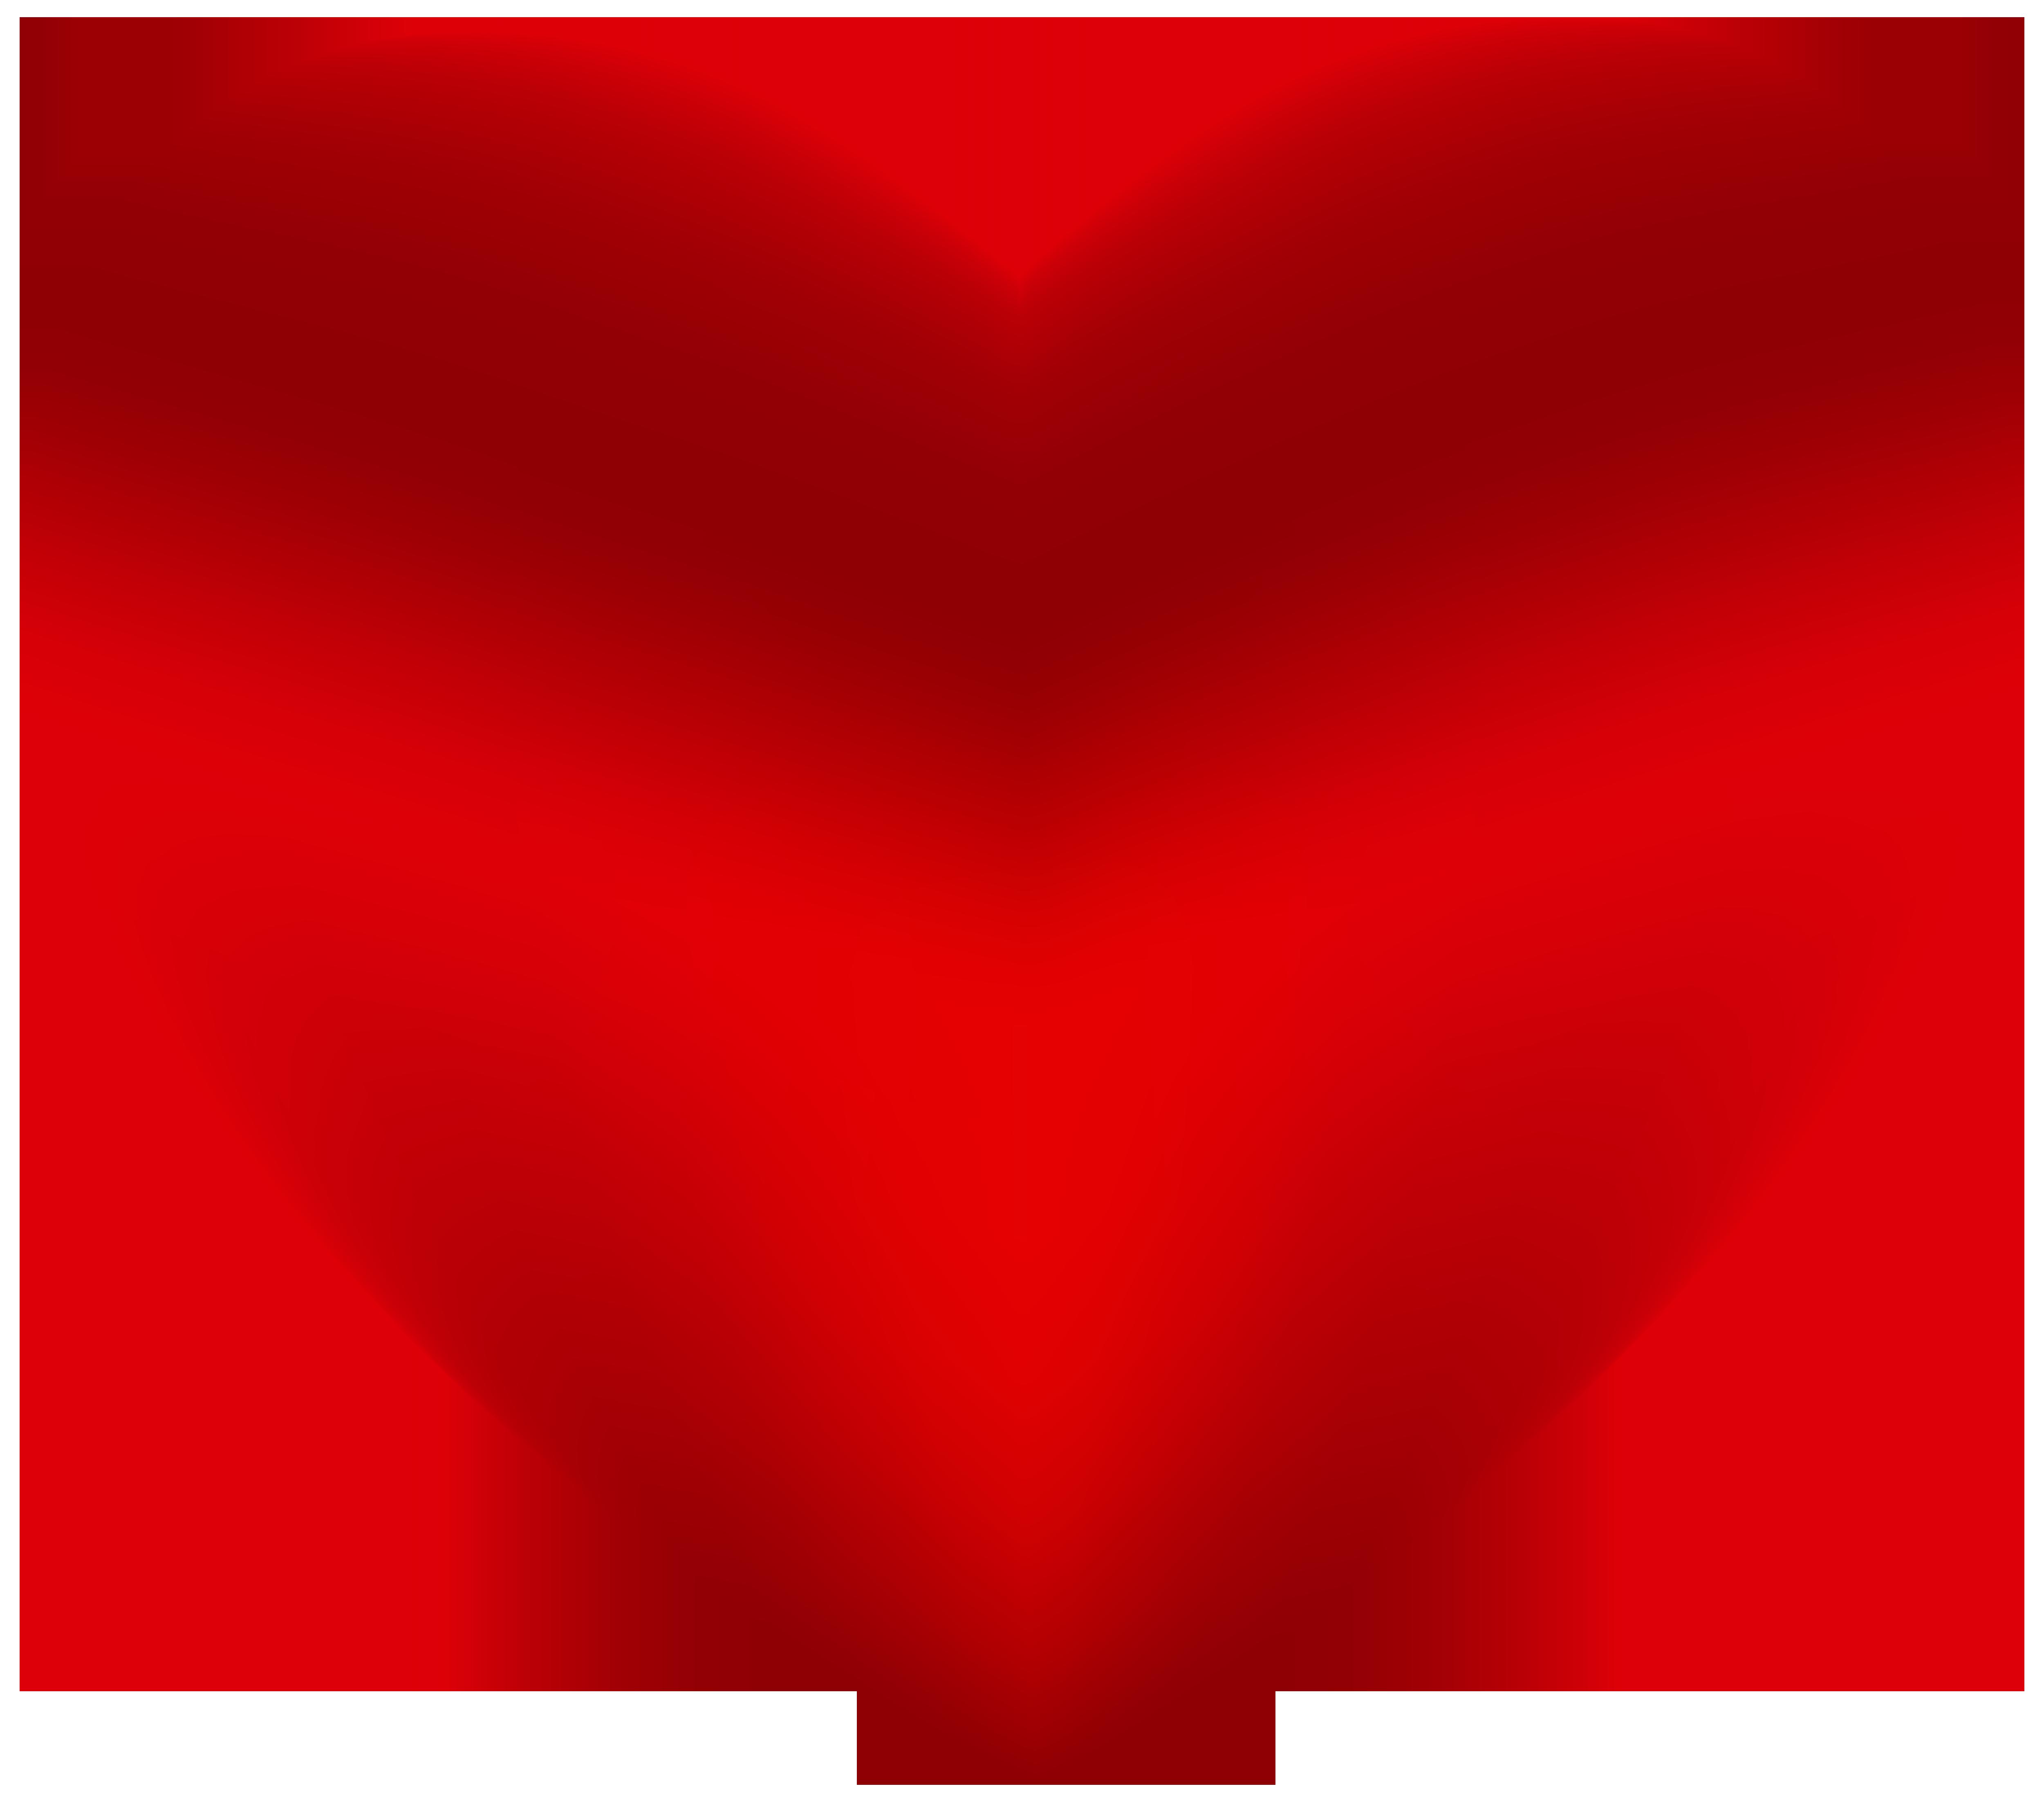 Red Heart Clip Art